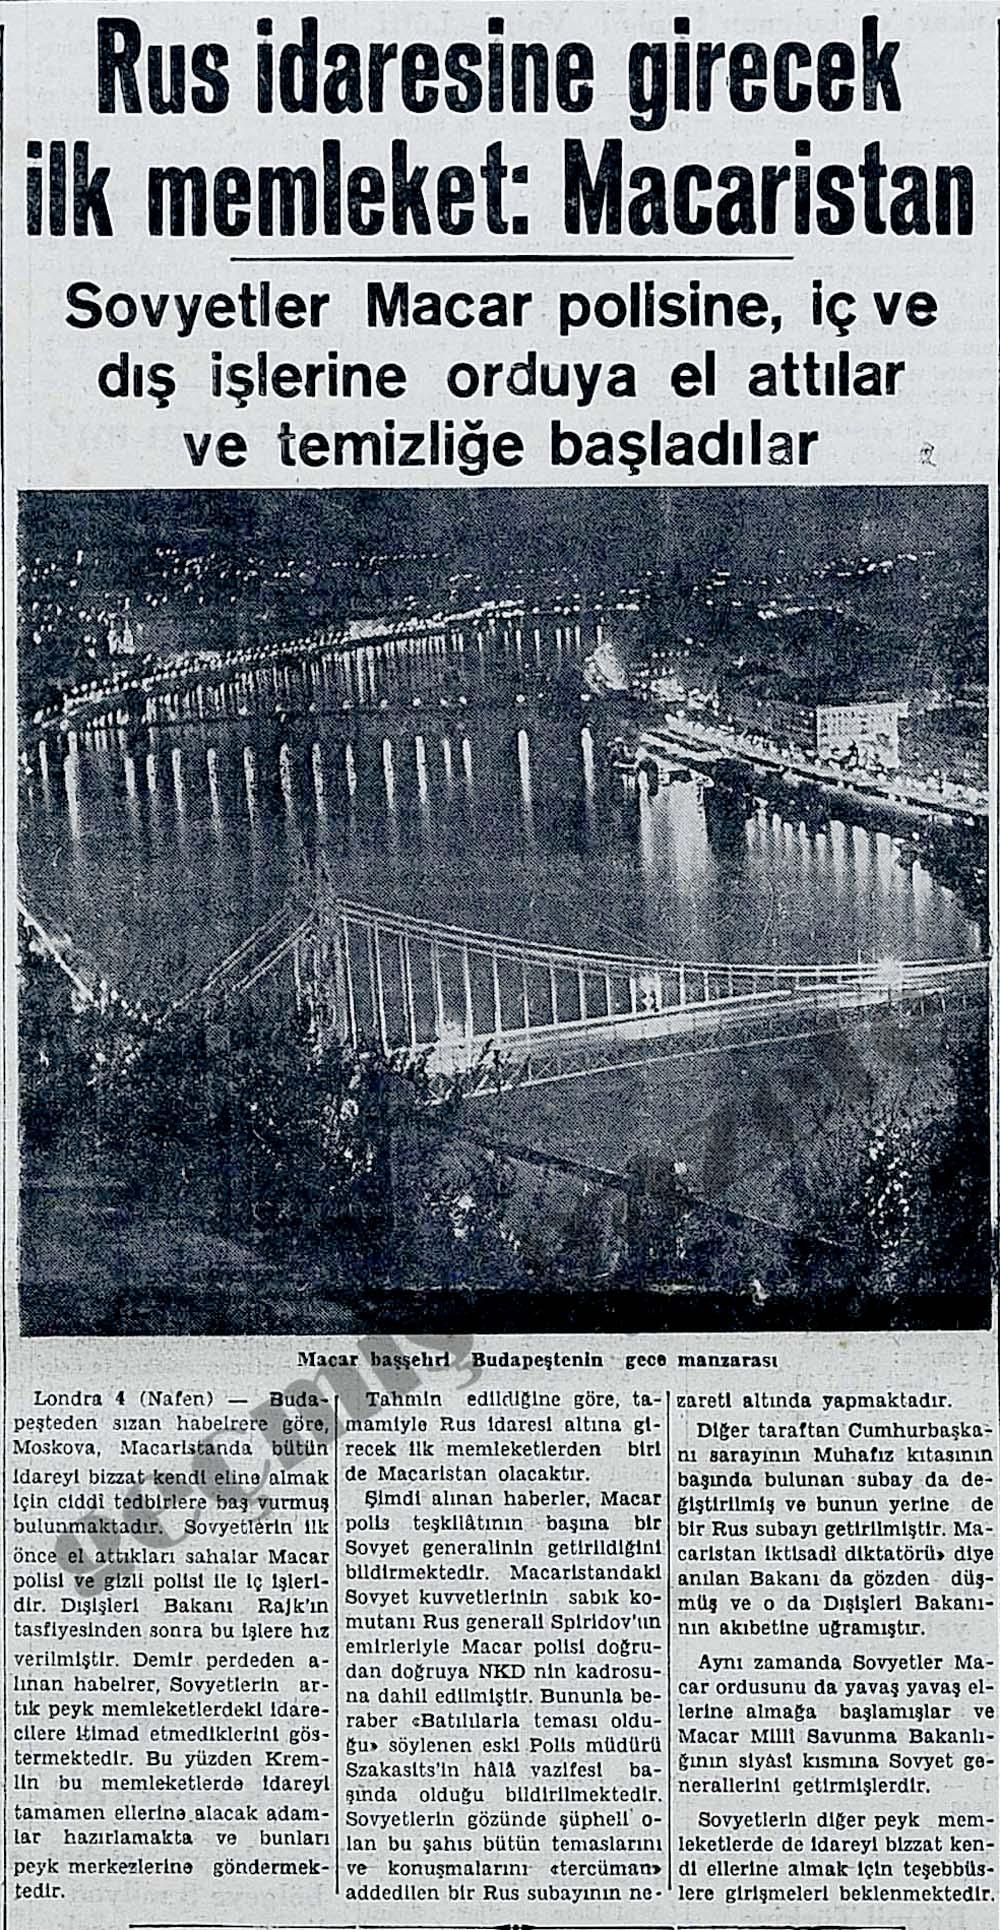 Rus idaresine girecek ilk memleket: Macaristan